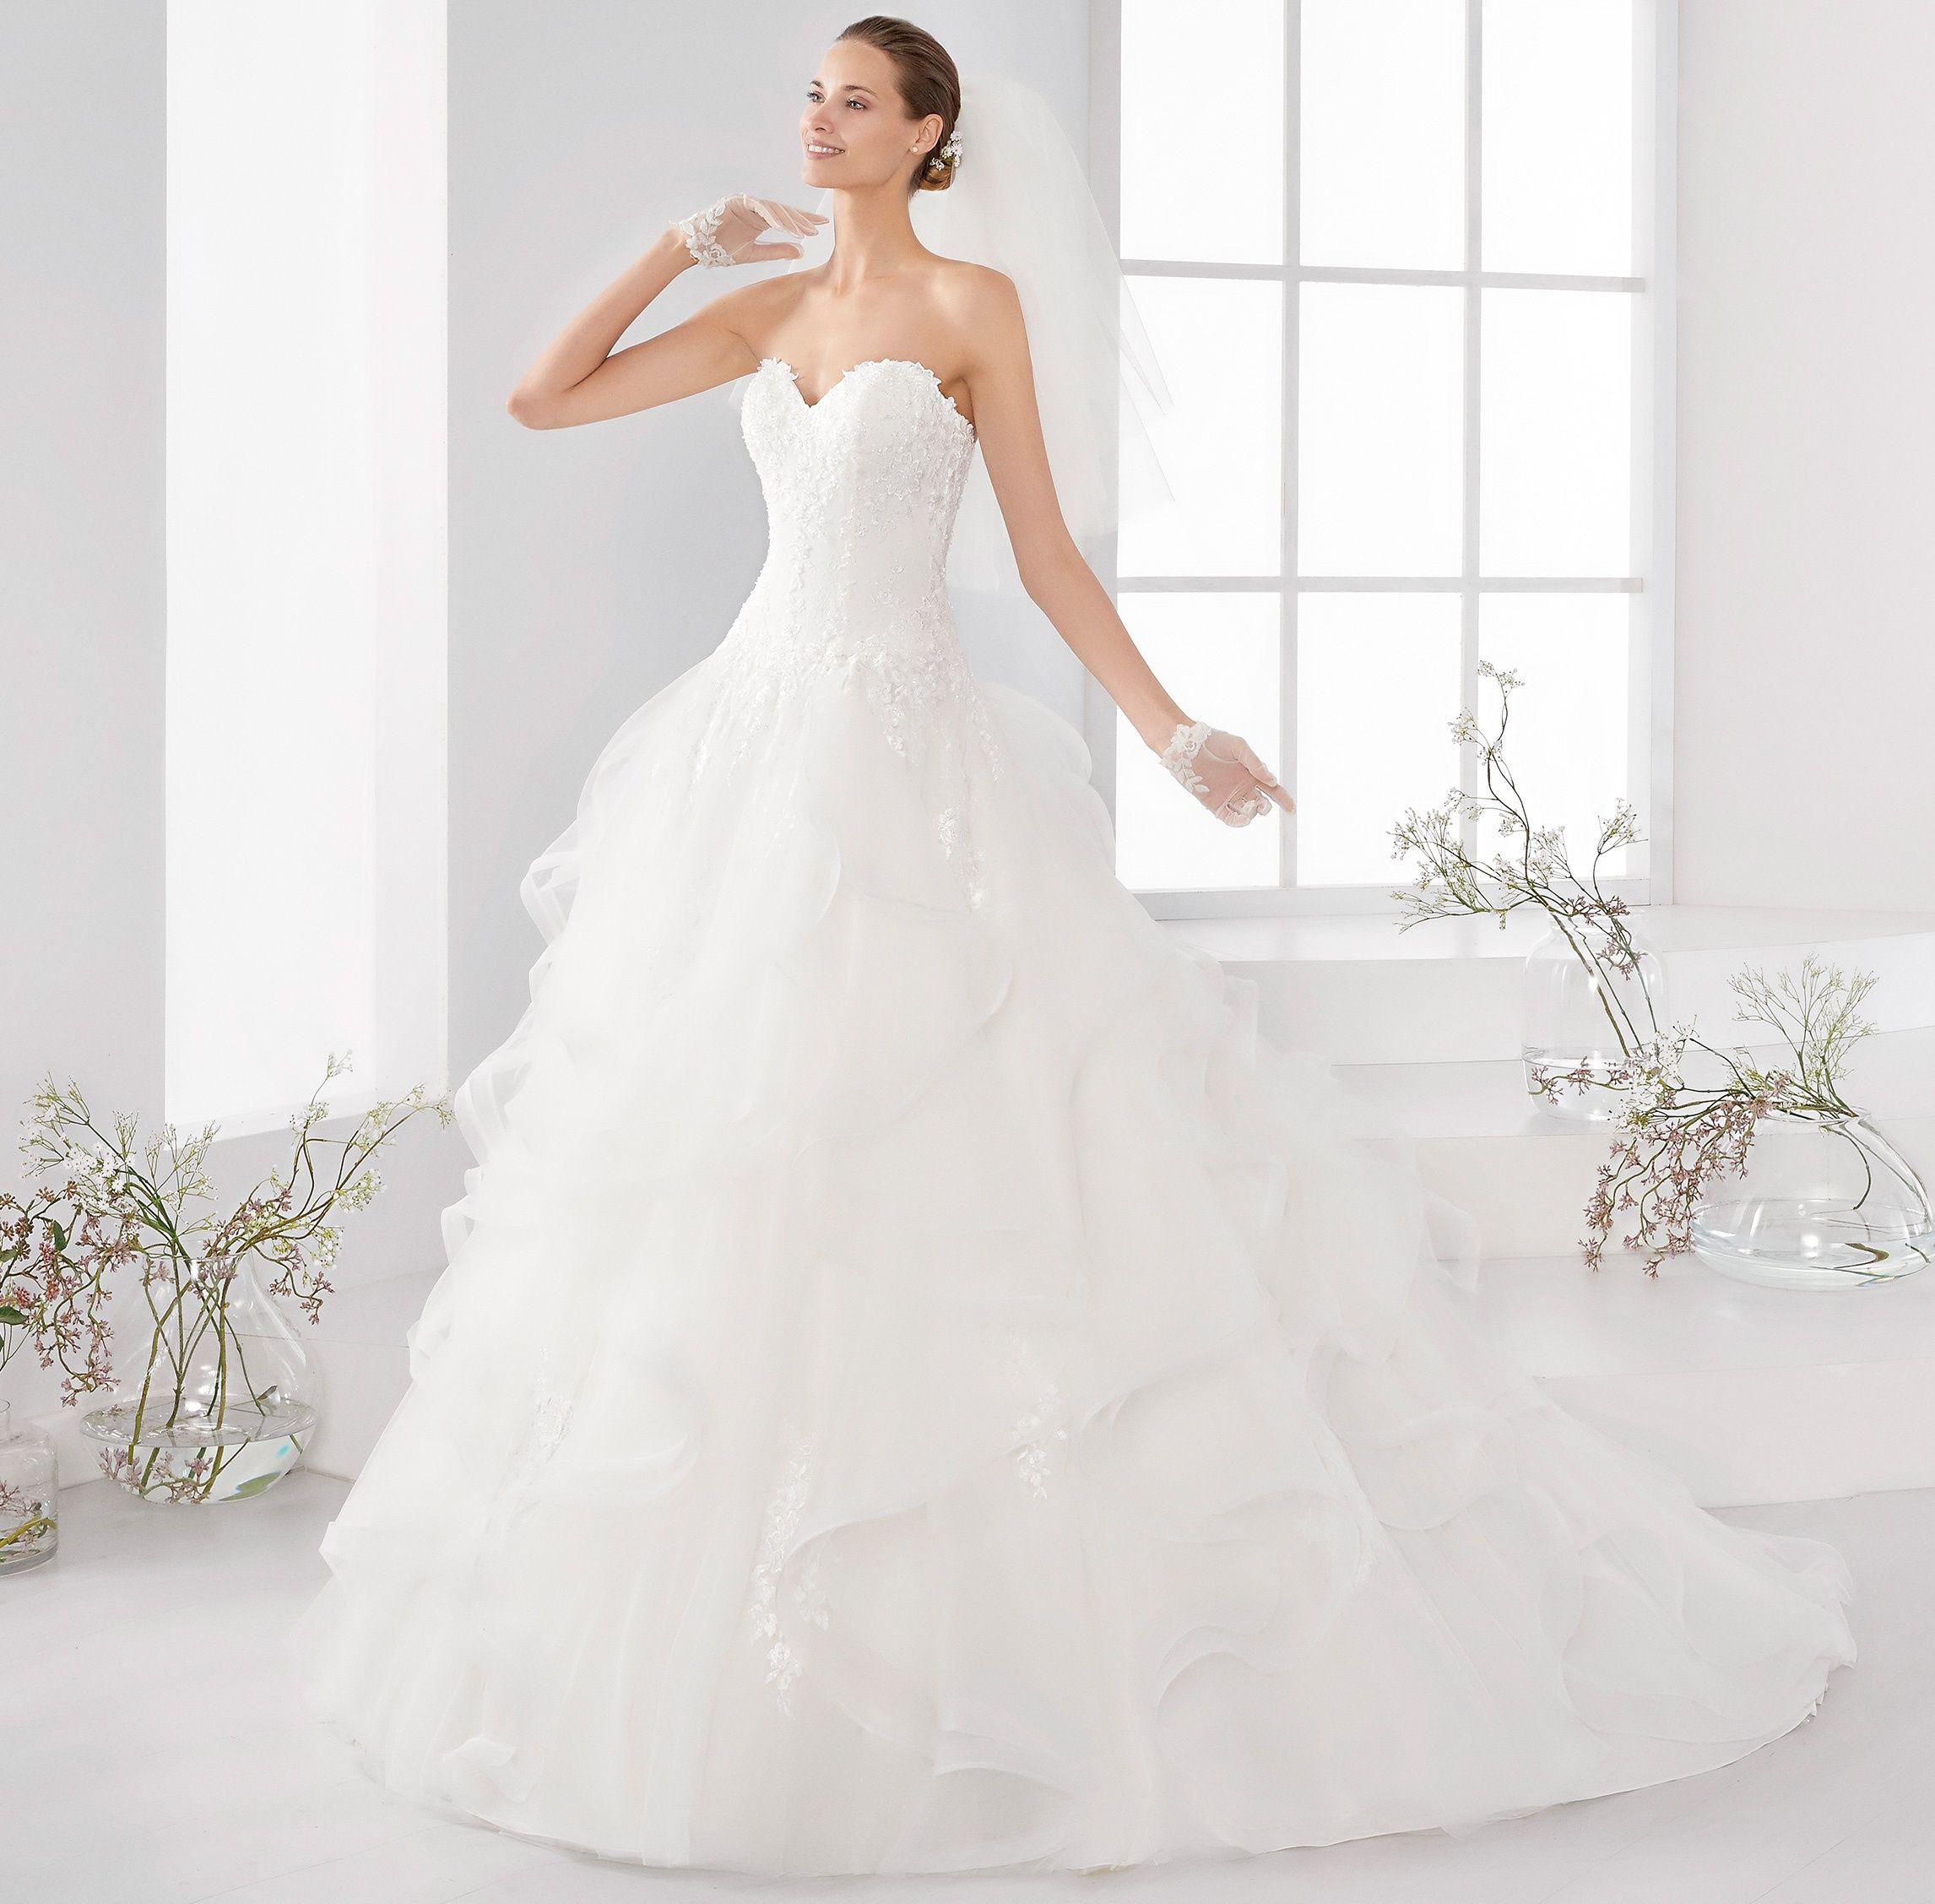 Moda sposa 2018 - Collezione AURORA. AUAB18982. Abito da sposa ...